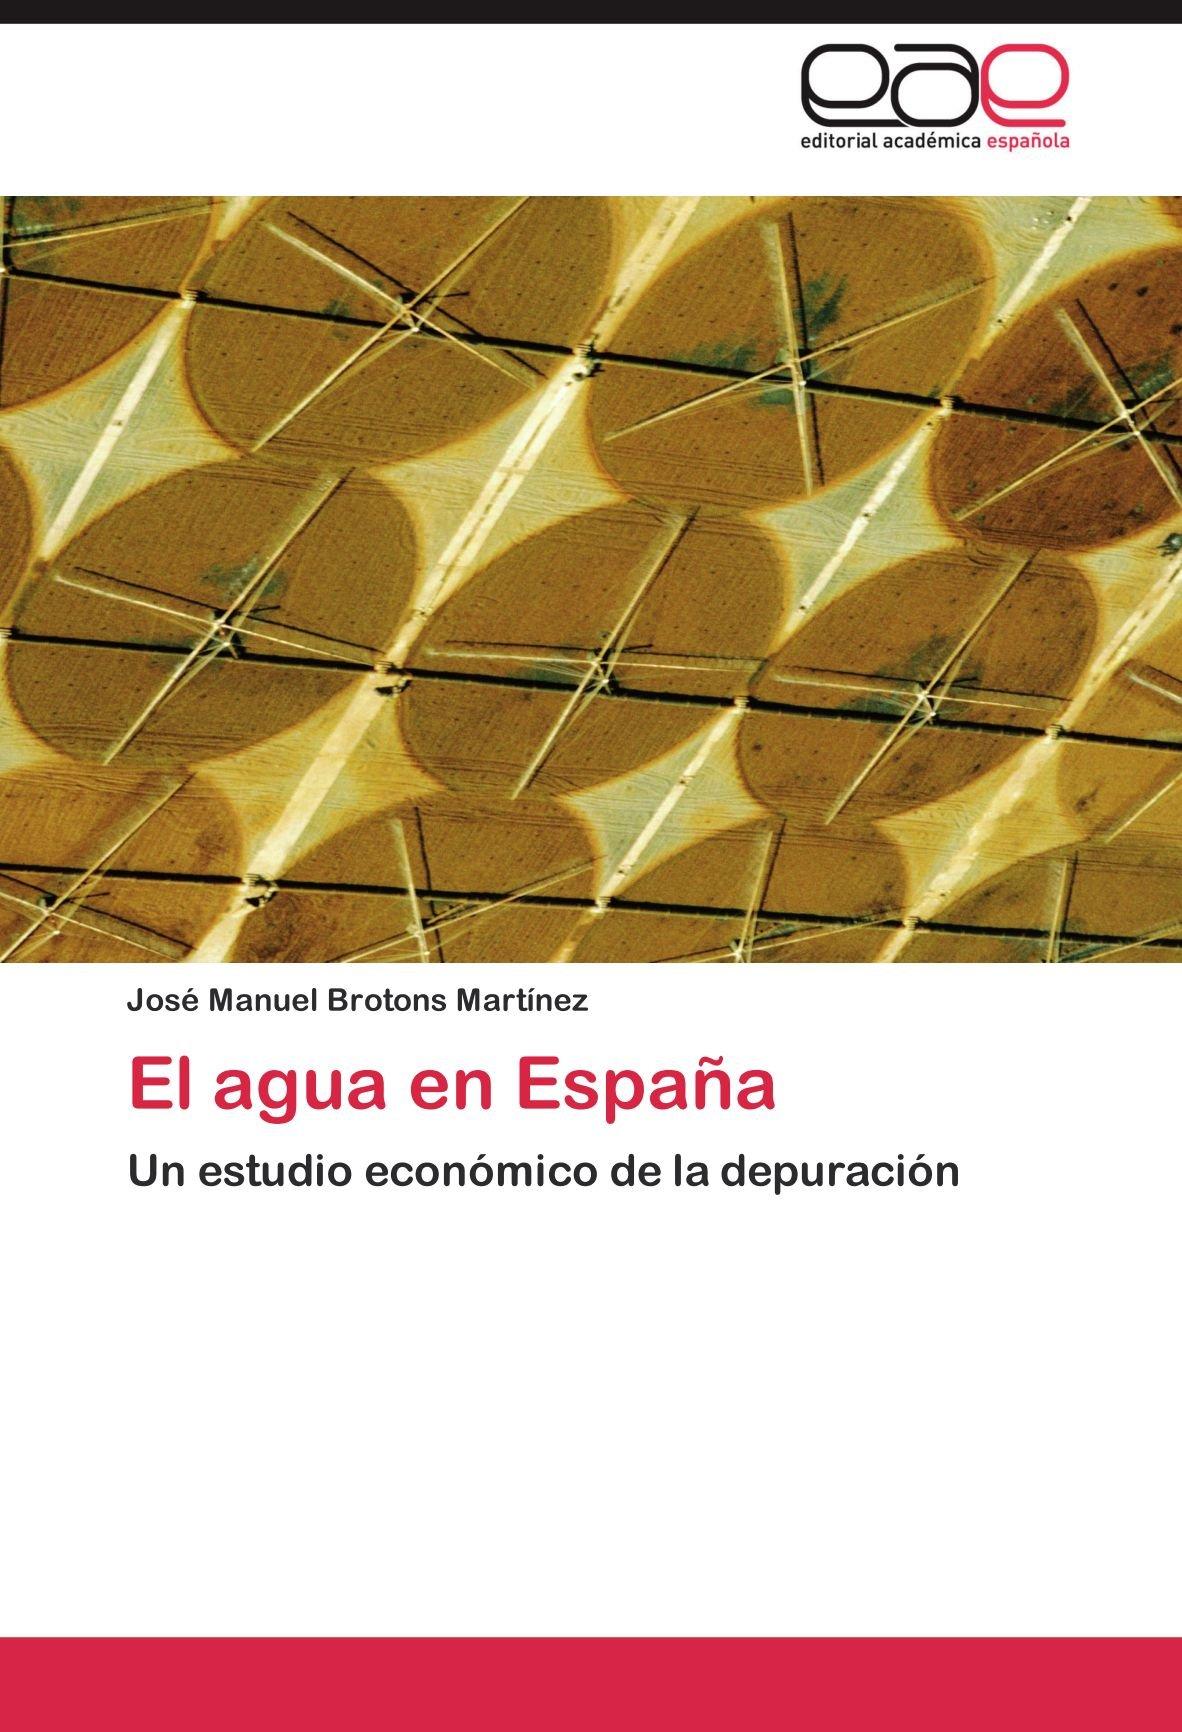 El agua en España: Amazon.es: Brotons Martínez José Manuel: Libros